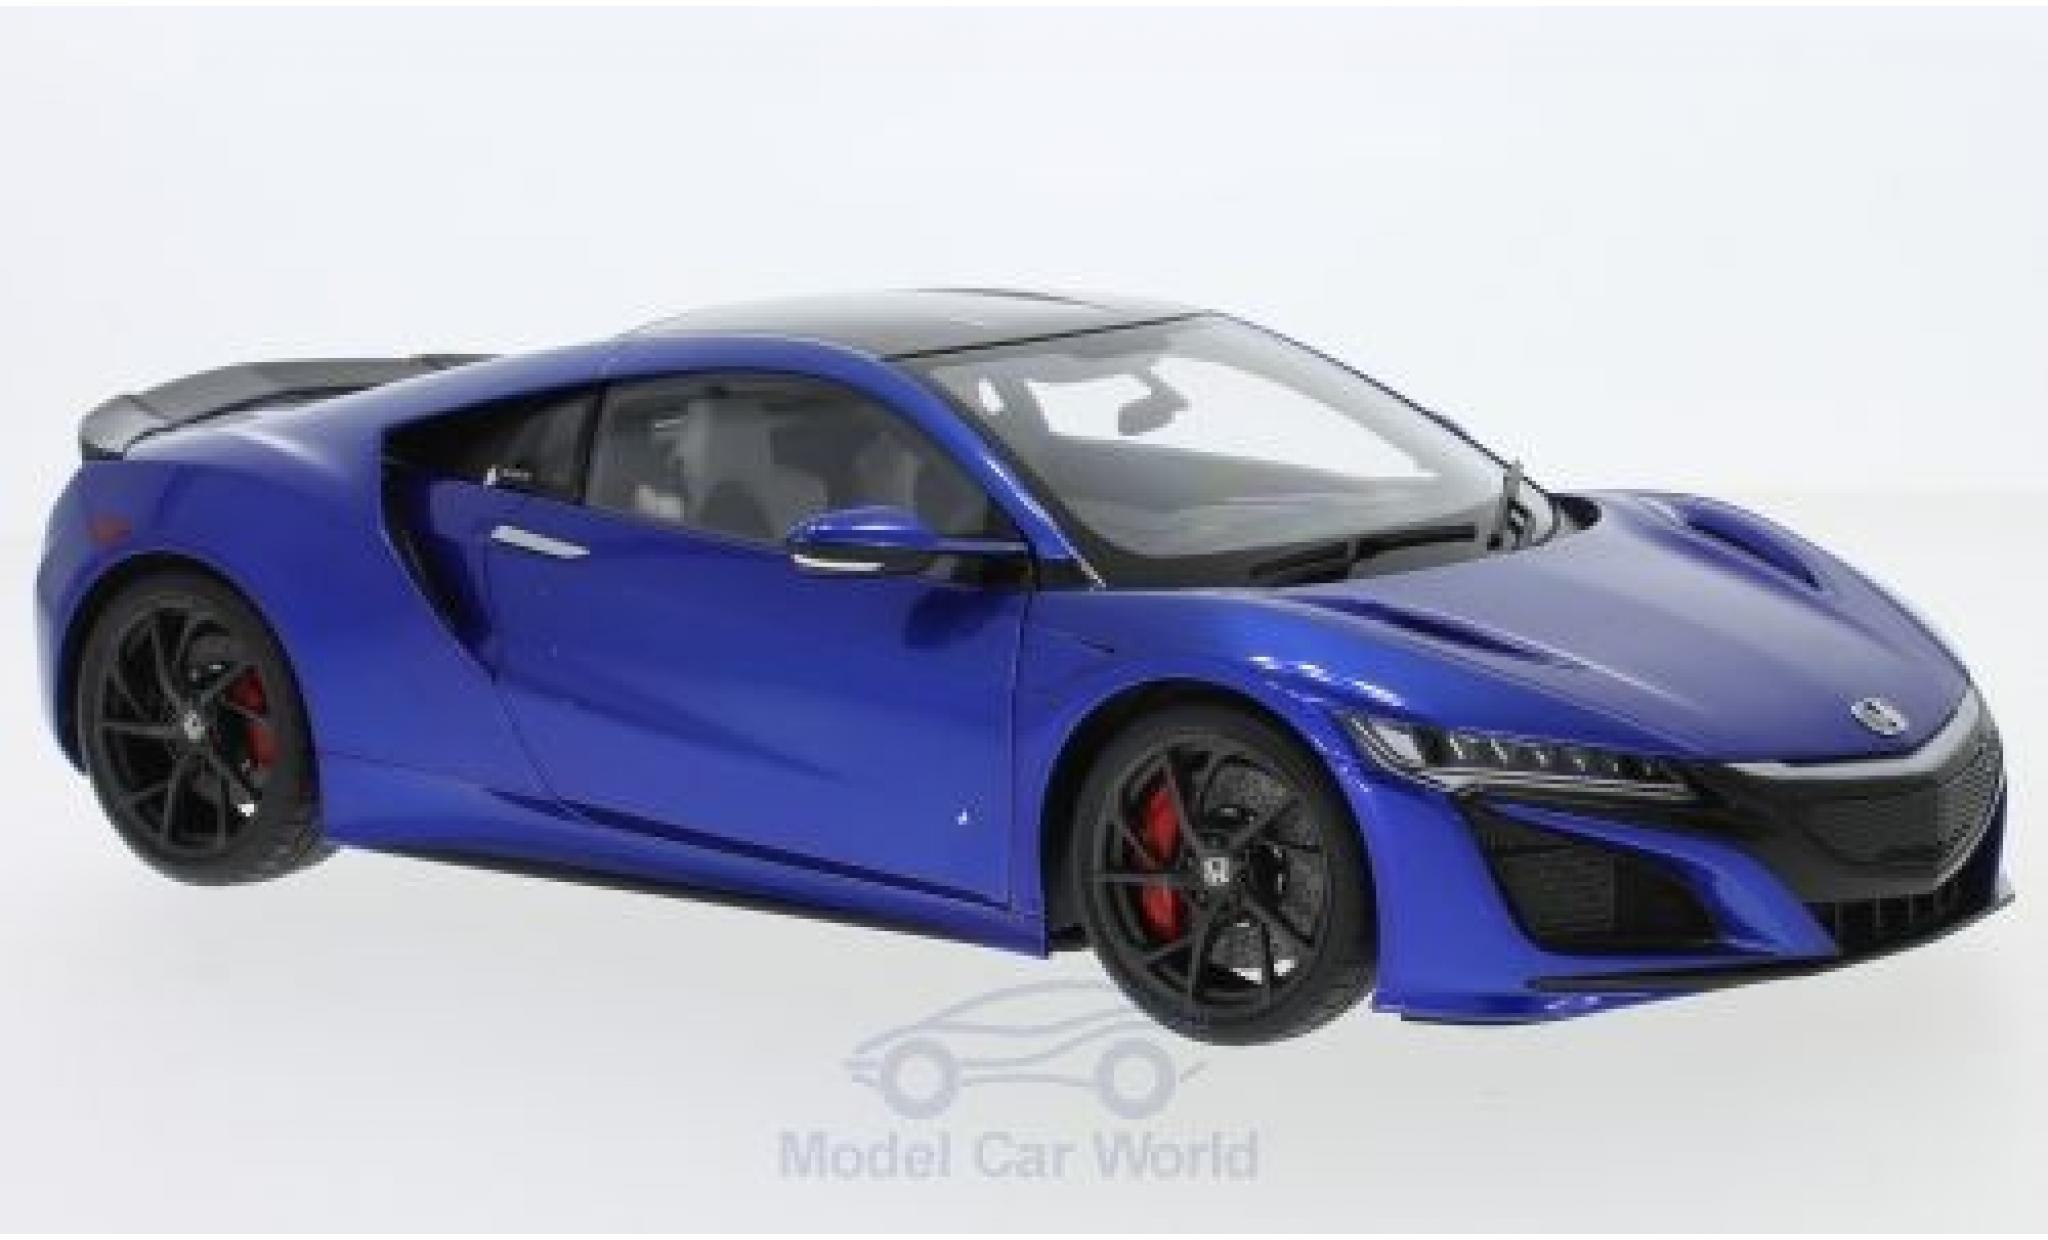 Honda NSX 1/18 AUTOart (NC1) metallic-blue RHD 2016